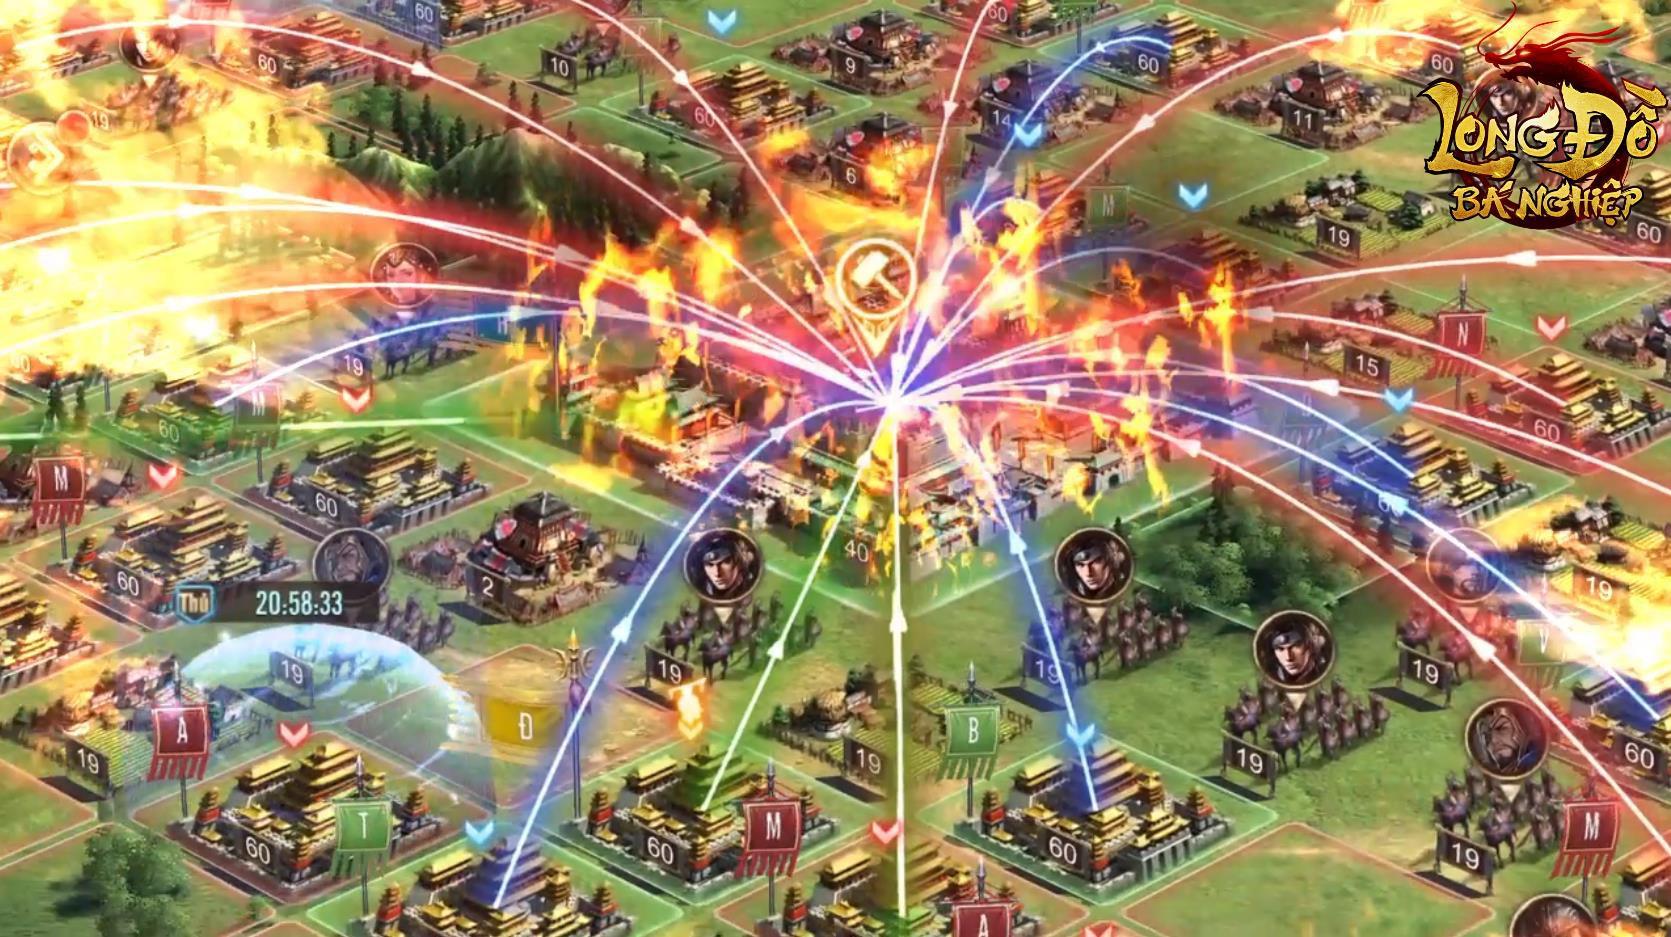 Hừng hực khí thế với trailer Long Đồ Bá Nghiệp: Game chiến thuật Top 1 Châu Á sắp ra mắt tháng 1 - Ảnh 6.